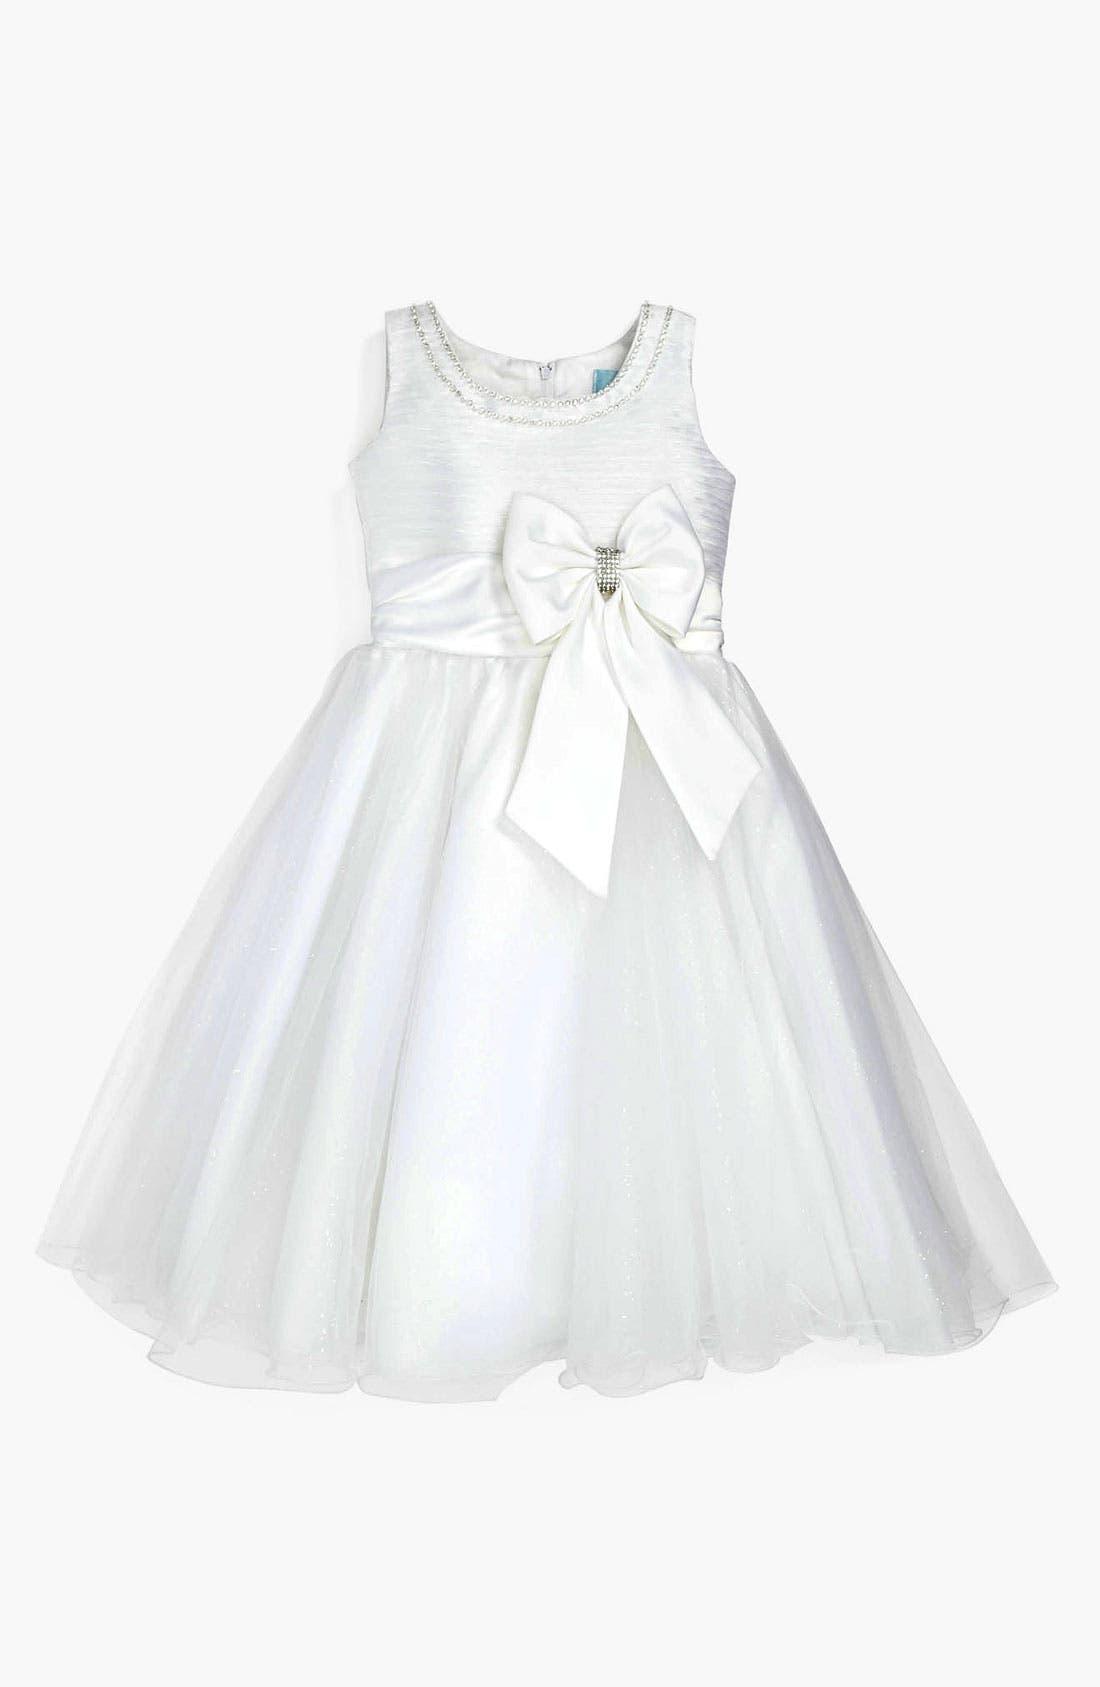 Alternate Image 1 Selected - L'Étoile Glitter Tulle Dress (Little Girls & Big Girls)